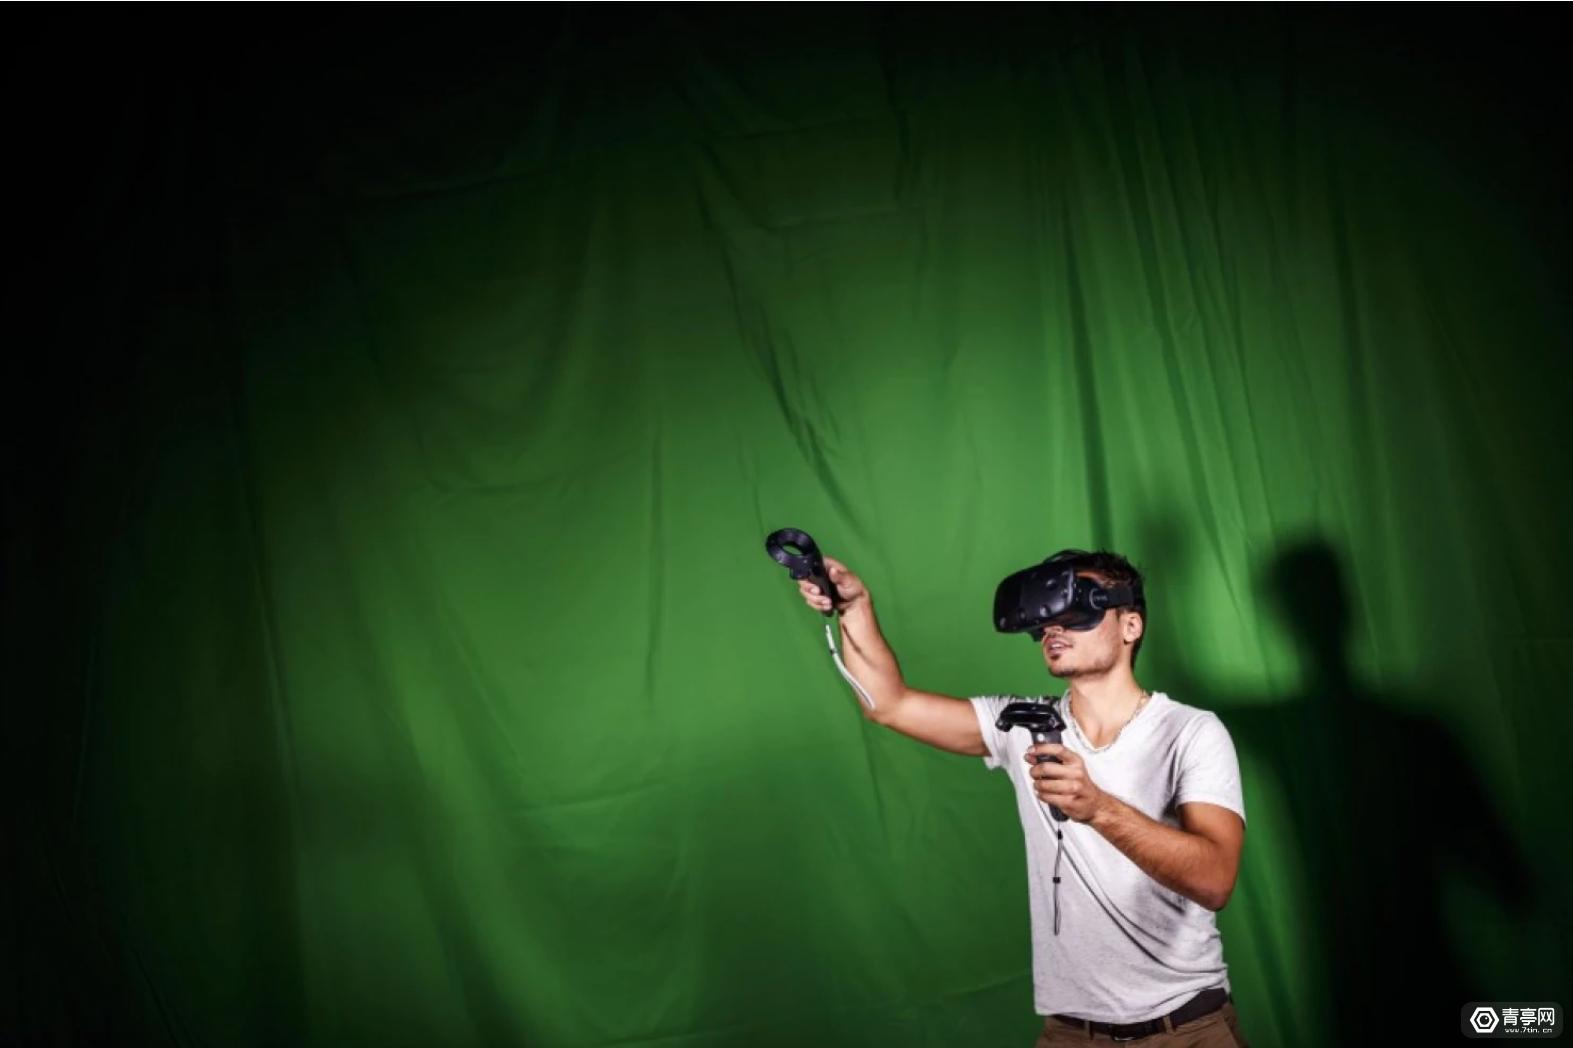 沃尔玛全面发力VR欲硬刚亚马逊,你可期待这5个购物新方式